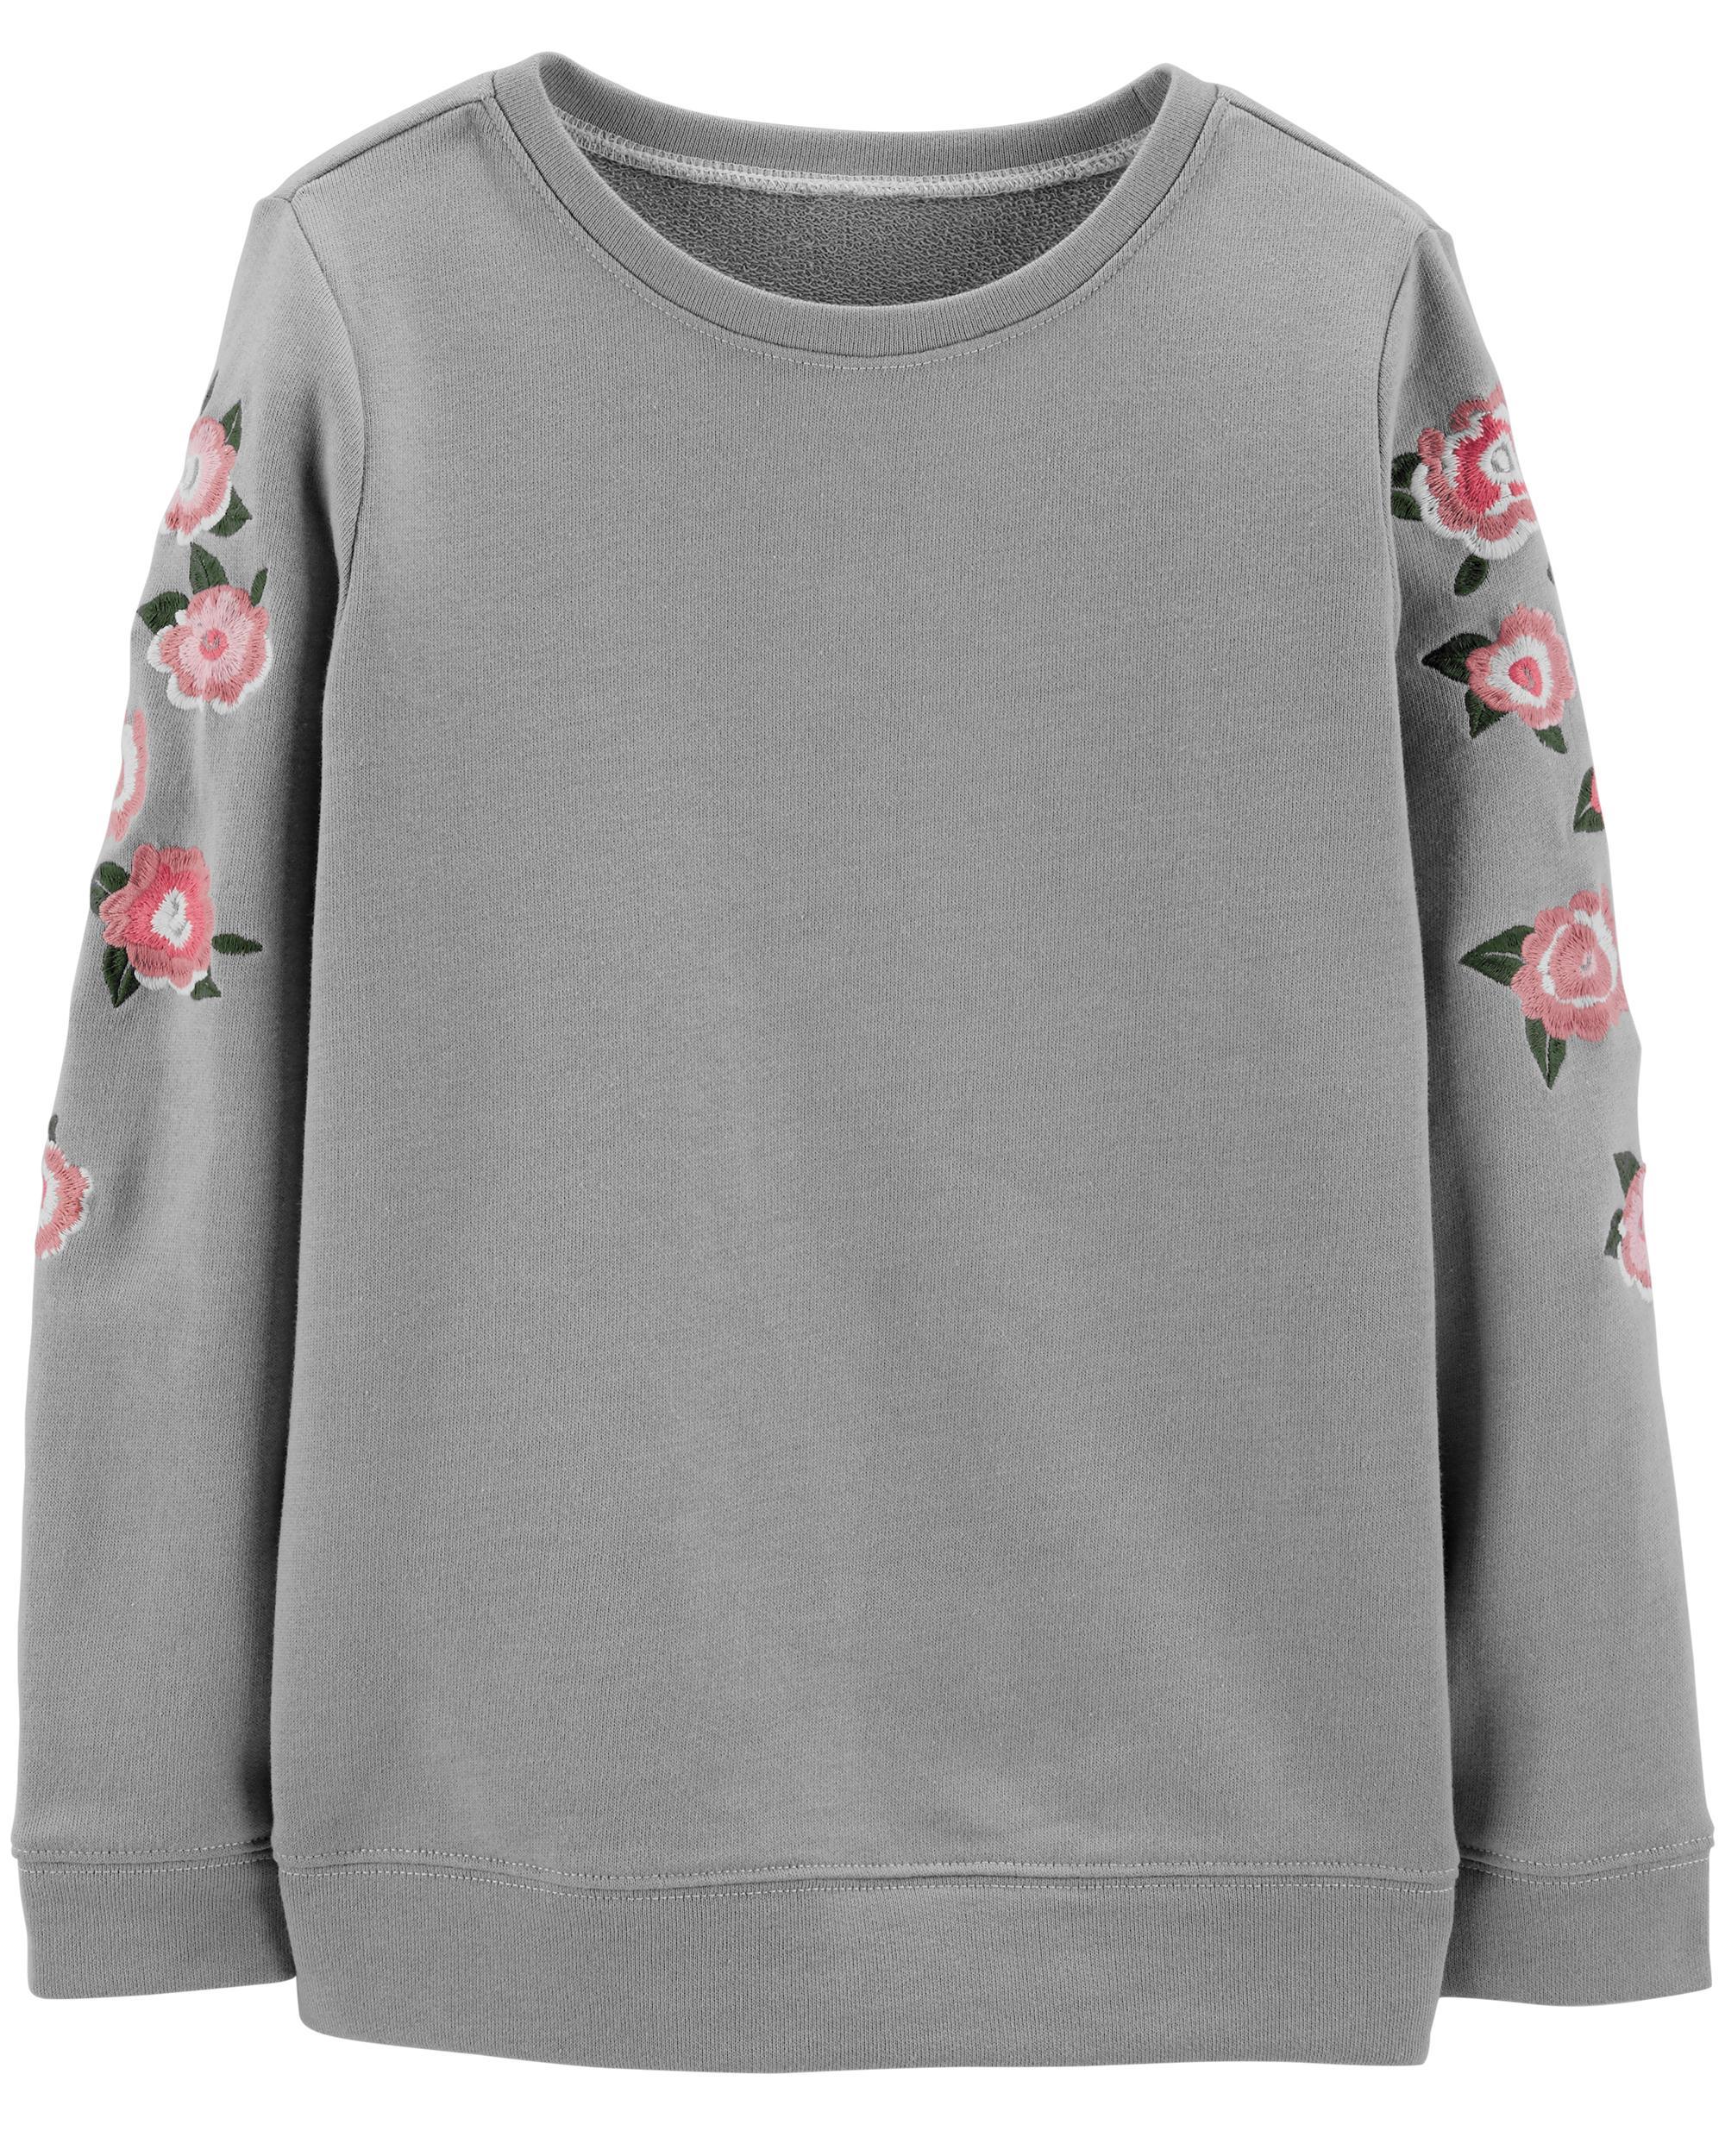 17e9a1c3f9 Embroidered Floral Pullover | oshkosh.com